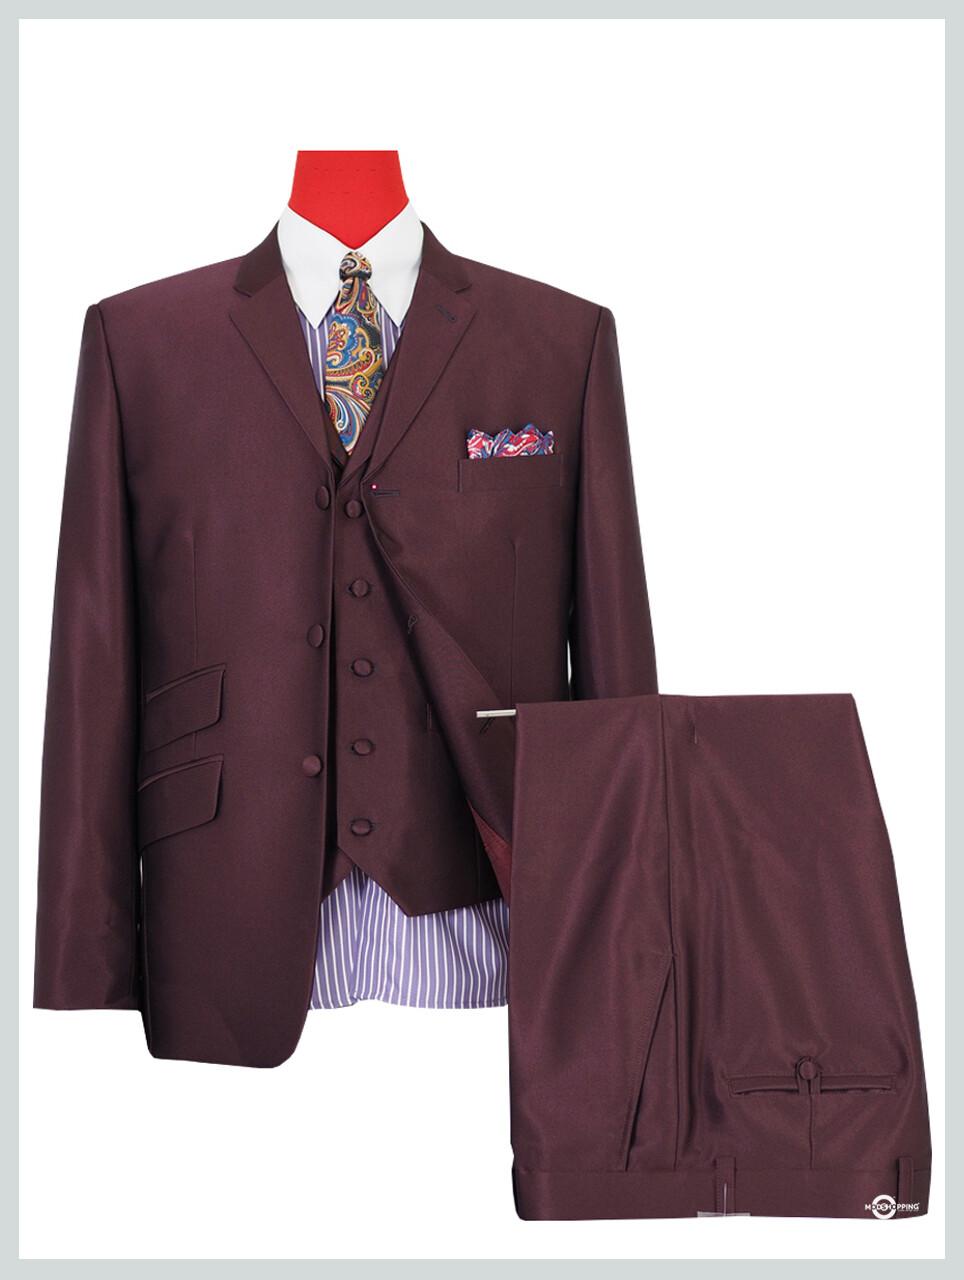 3 piece suit | burgundy tonic wedding suit